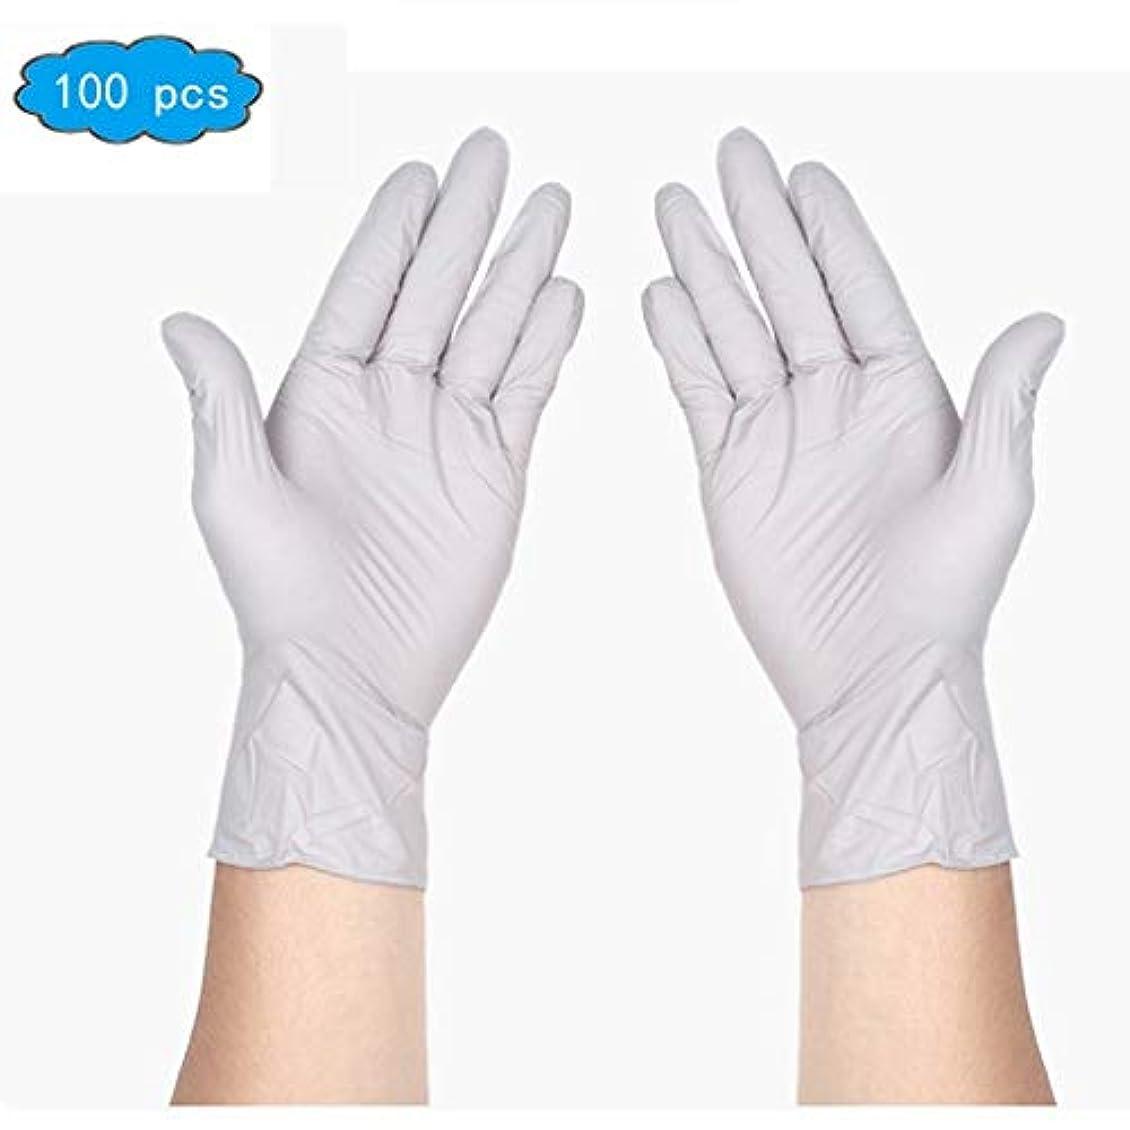 サイトラインの不十分なニトリル試験用手袋 - 医療用グレード、パウダーフリー、ラテックスラバーフリー、使い捨て、非滅菌、食品安全、テクスチャード加工、白色、2.5ミル、便利なディスペンサー、100個入り、サニタリーグローブ (Color :...